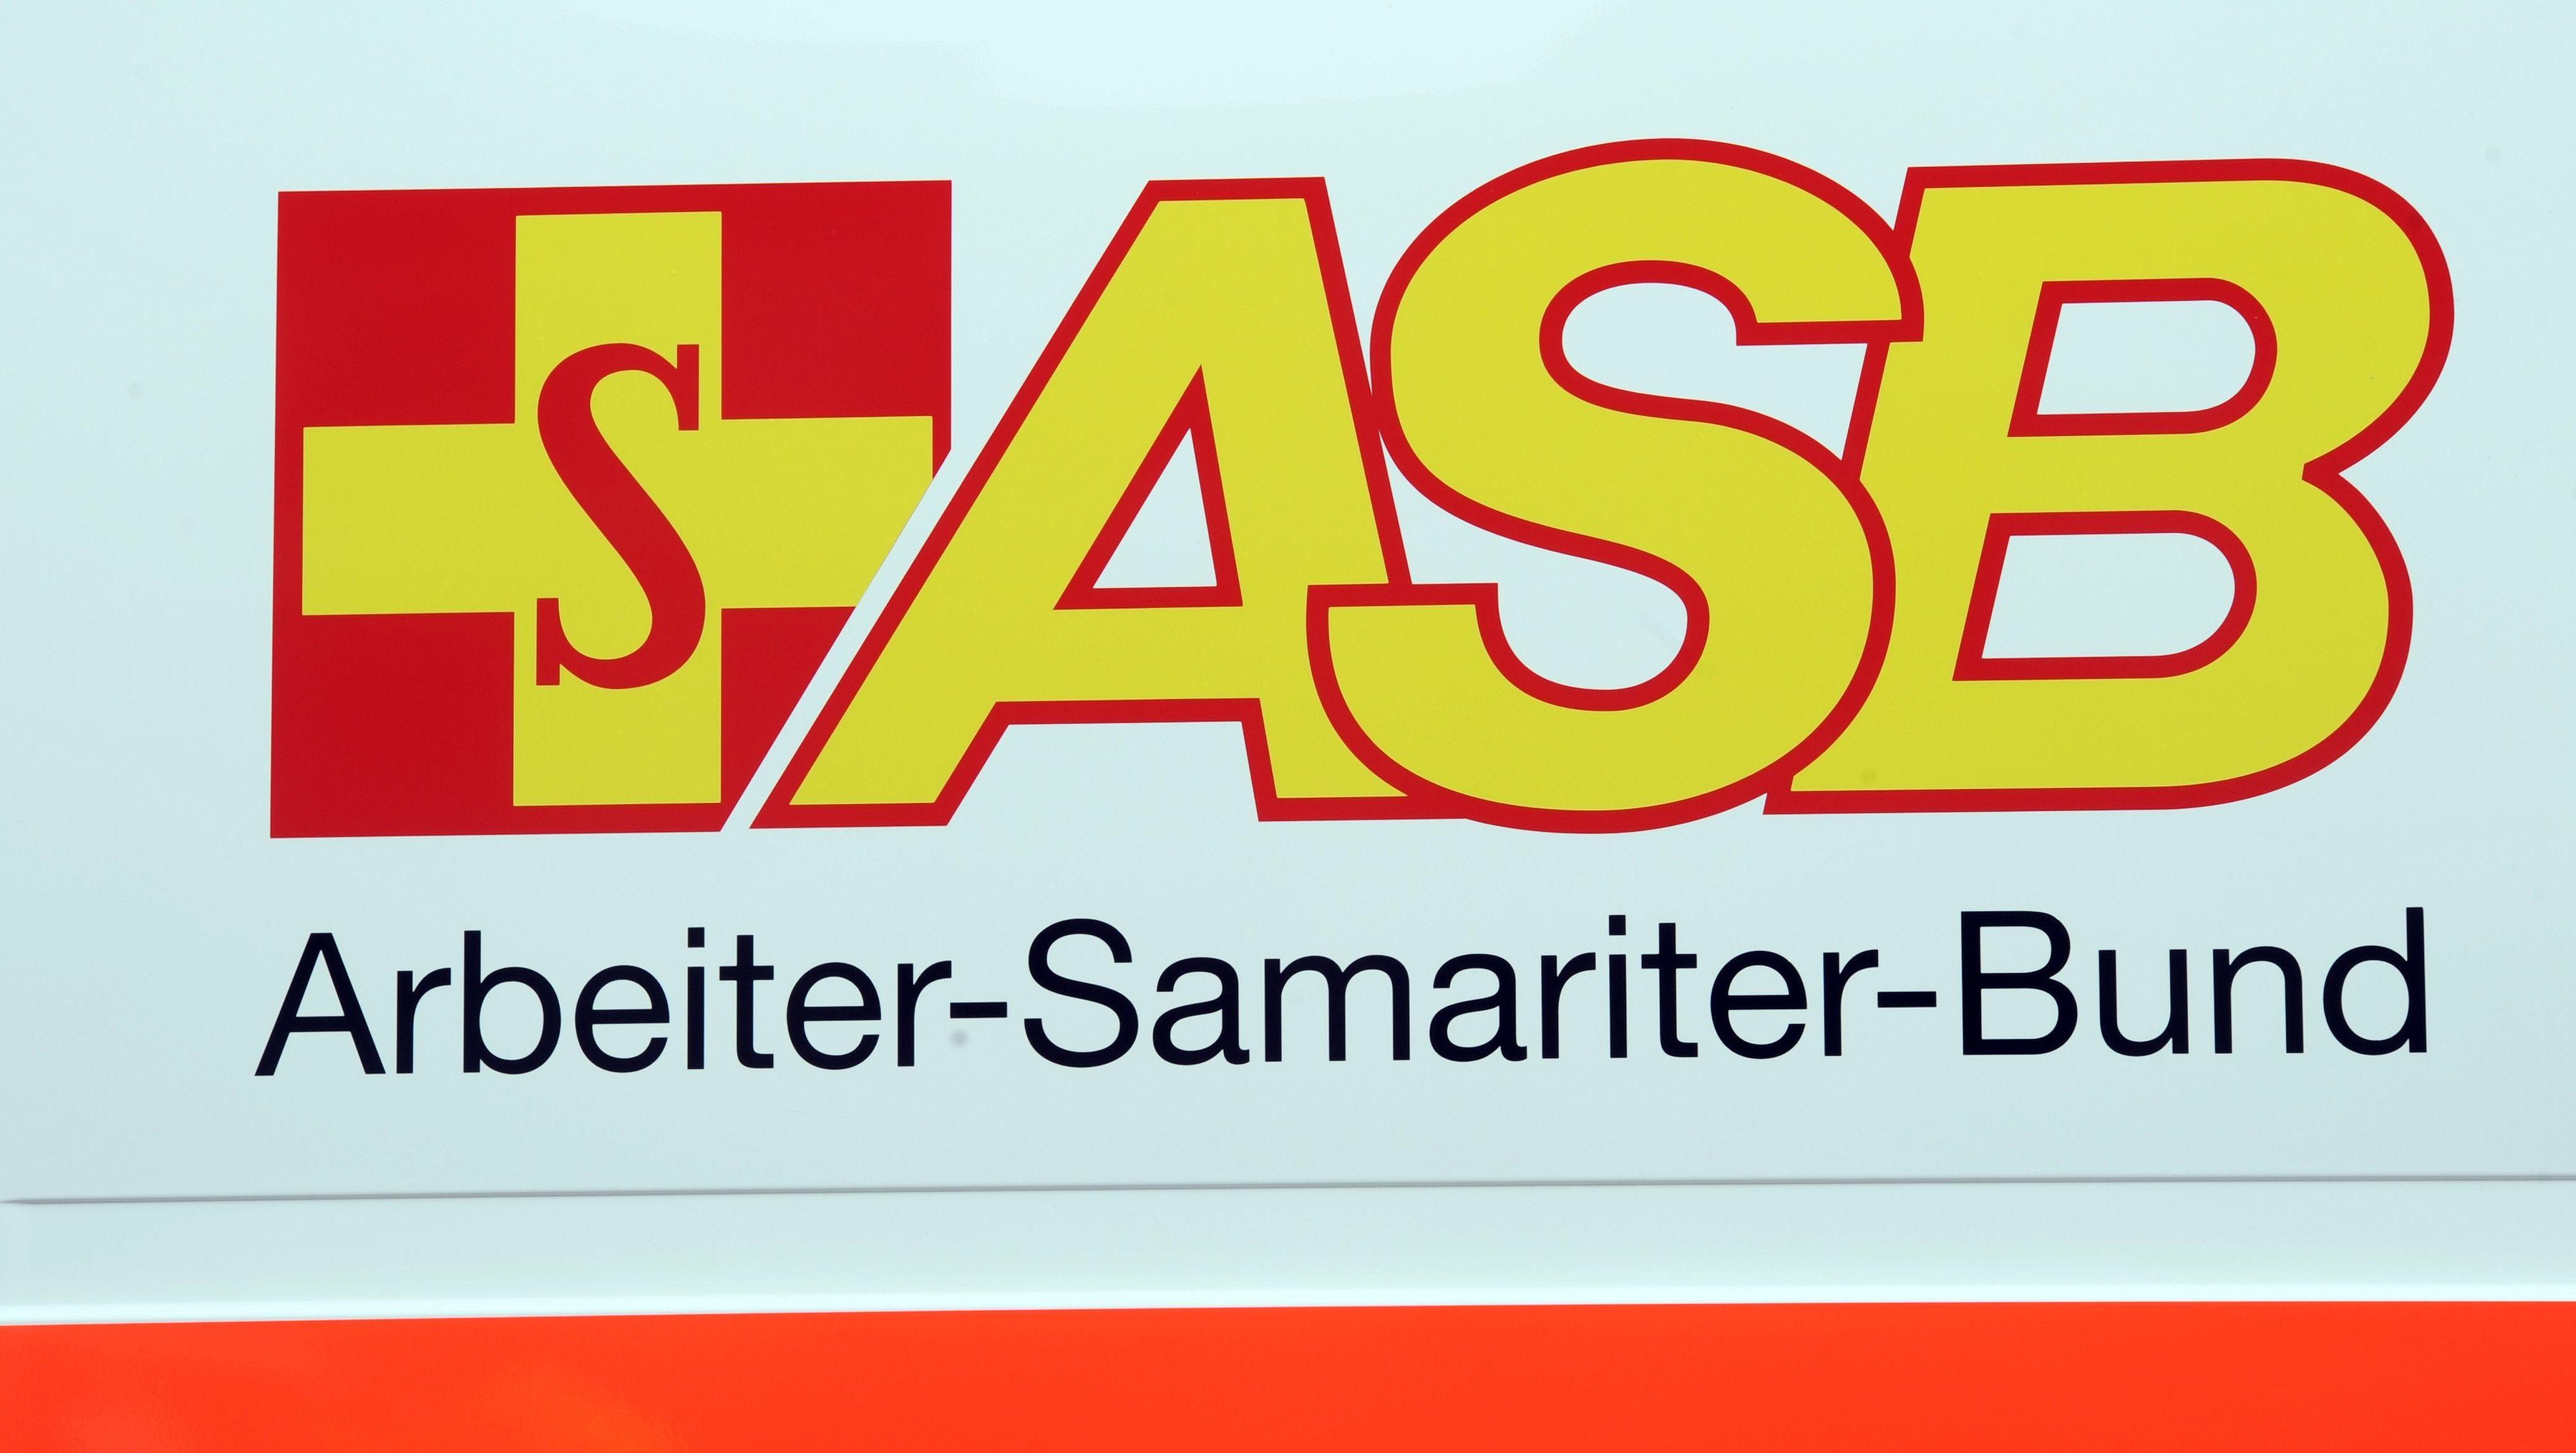 Logo des Arbeiter-Samariter-Bundes auf einem Rettungswagen